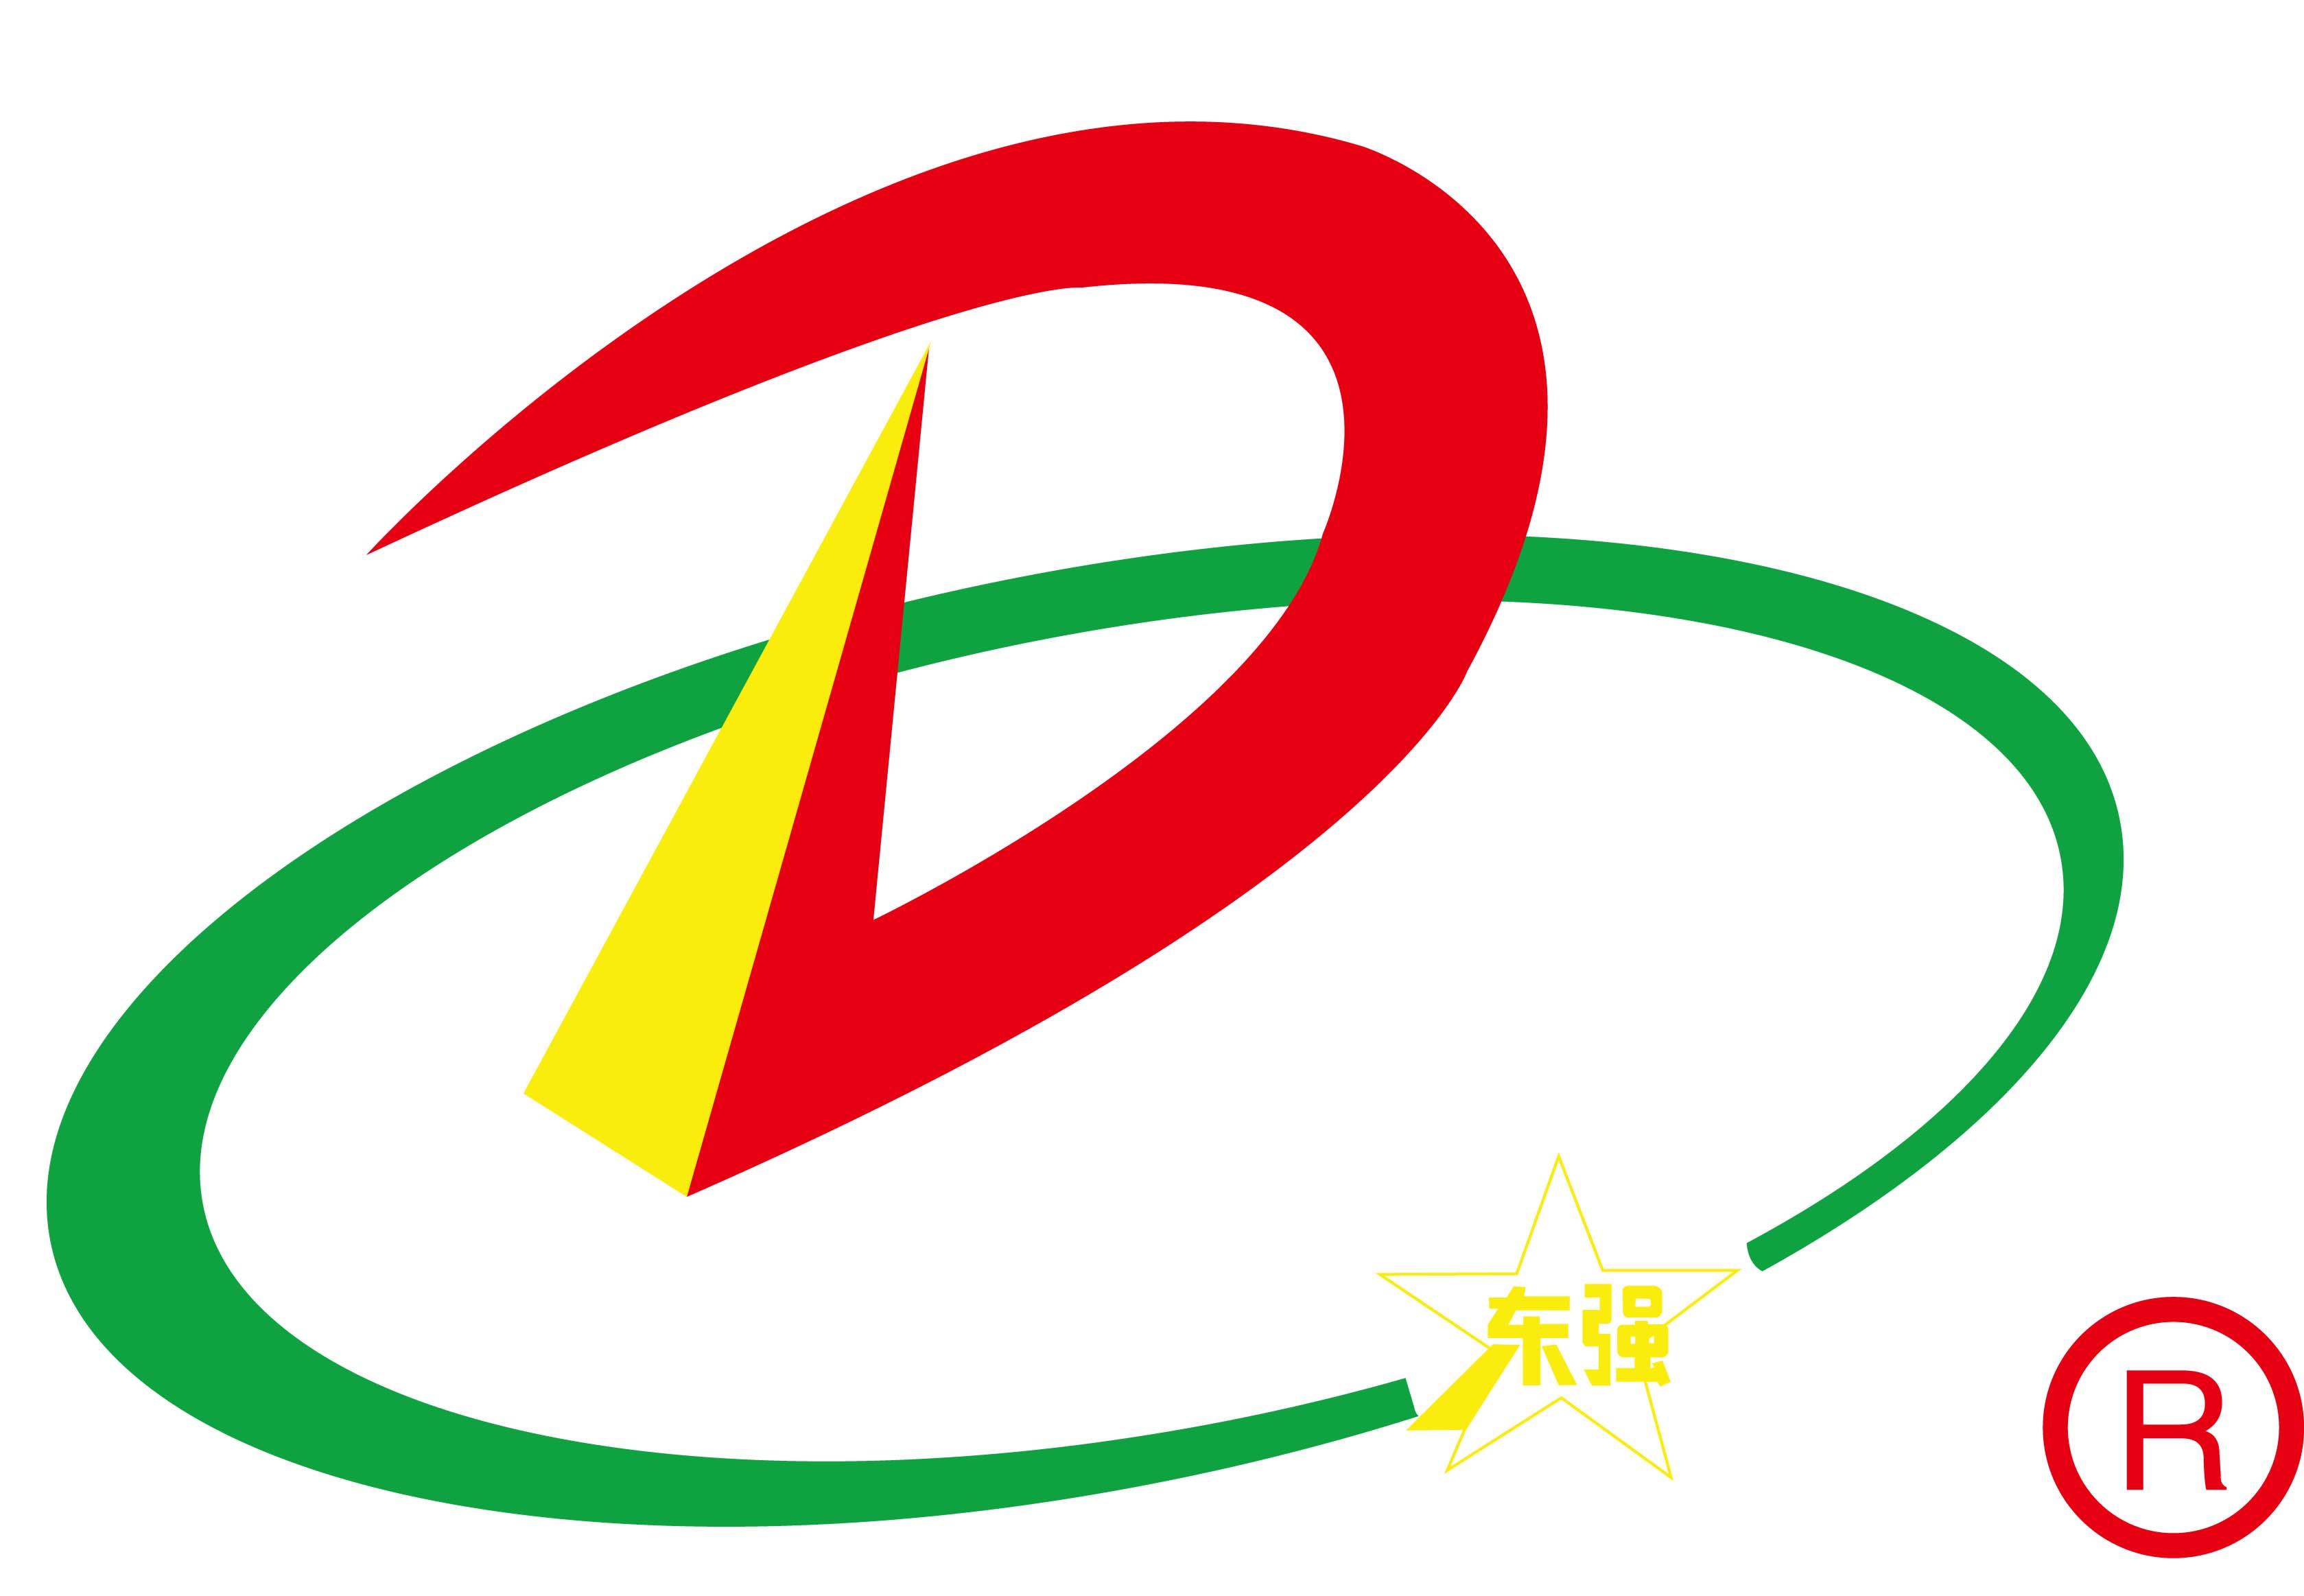 江苏东强股份有限公司